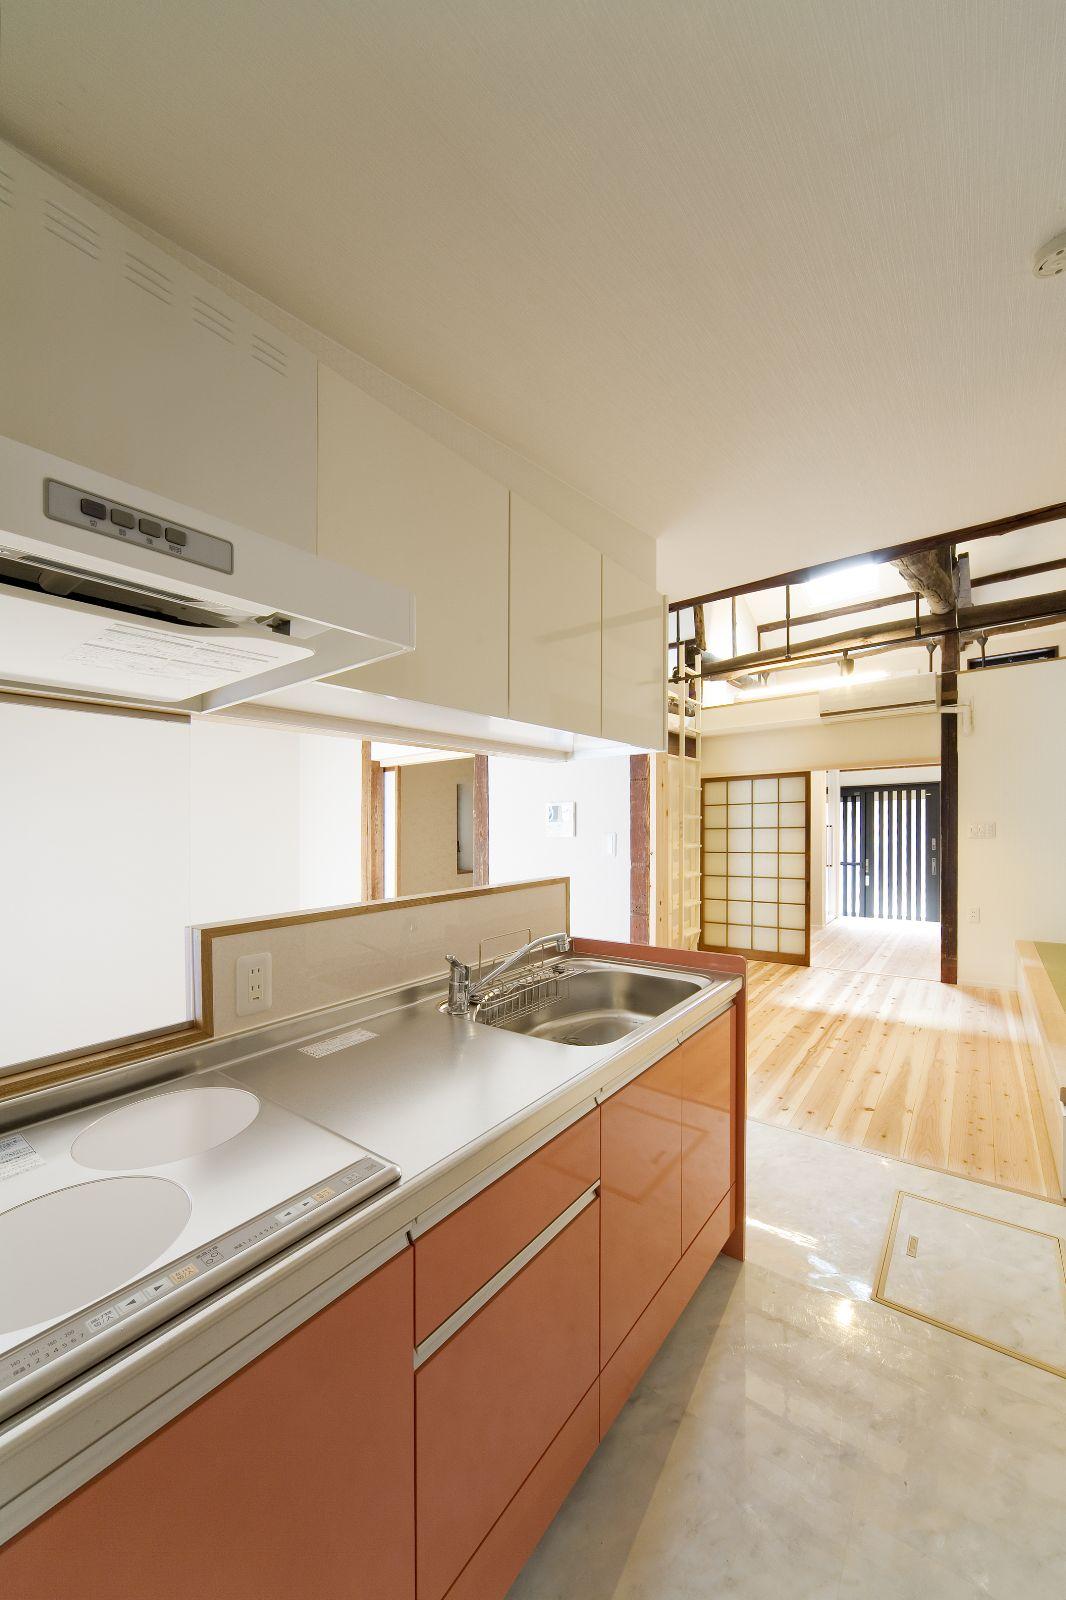 ツートンカラーで明るくおしゃれなキッチン 一戸建て ツートンカラー